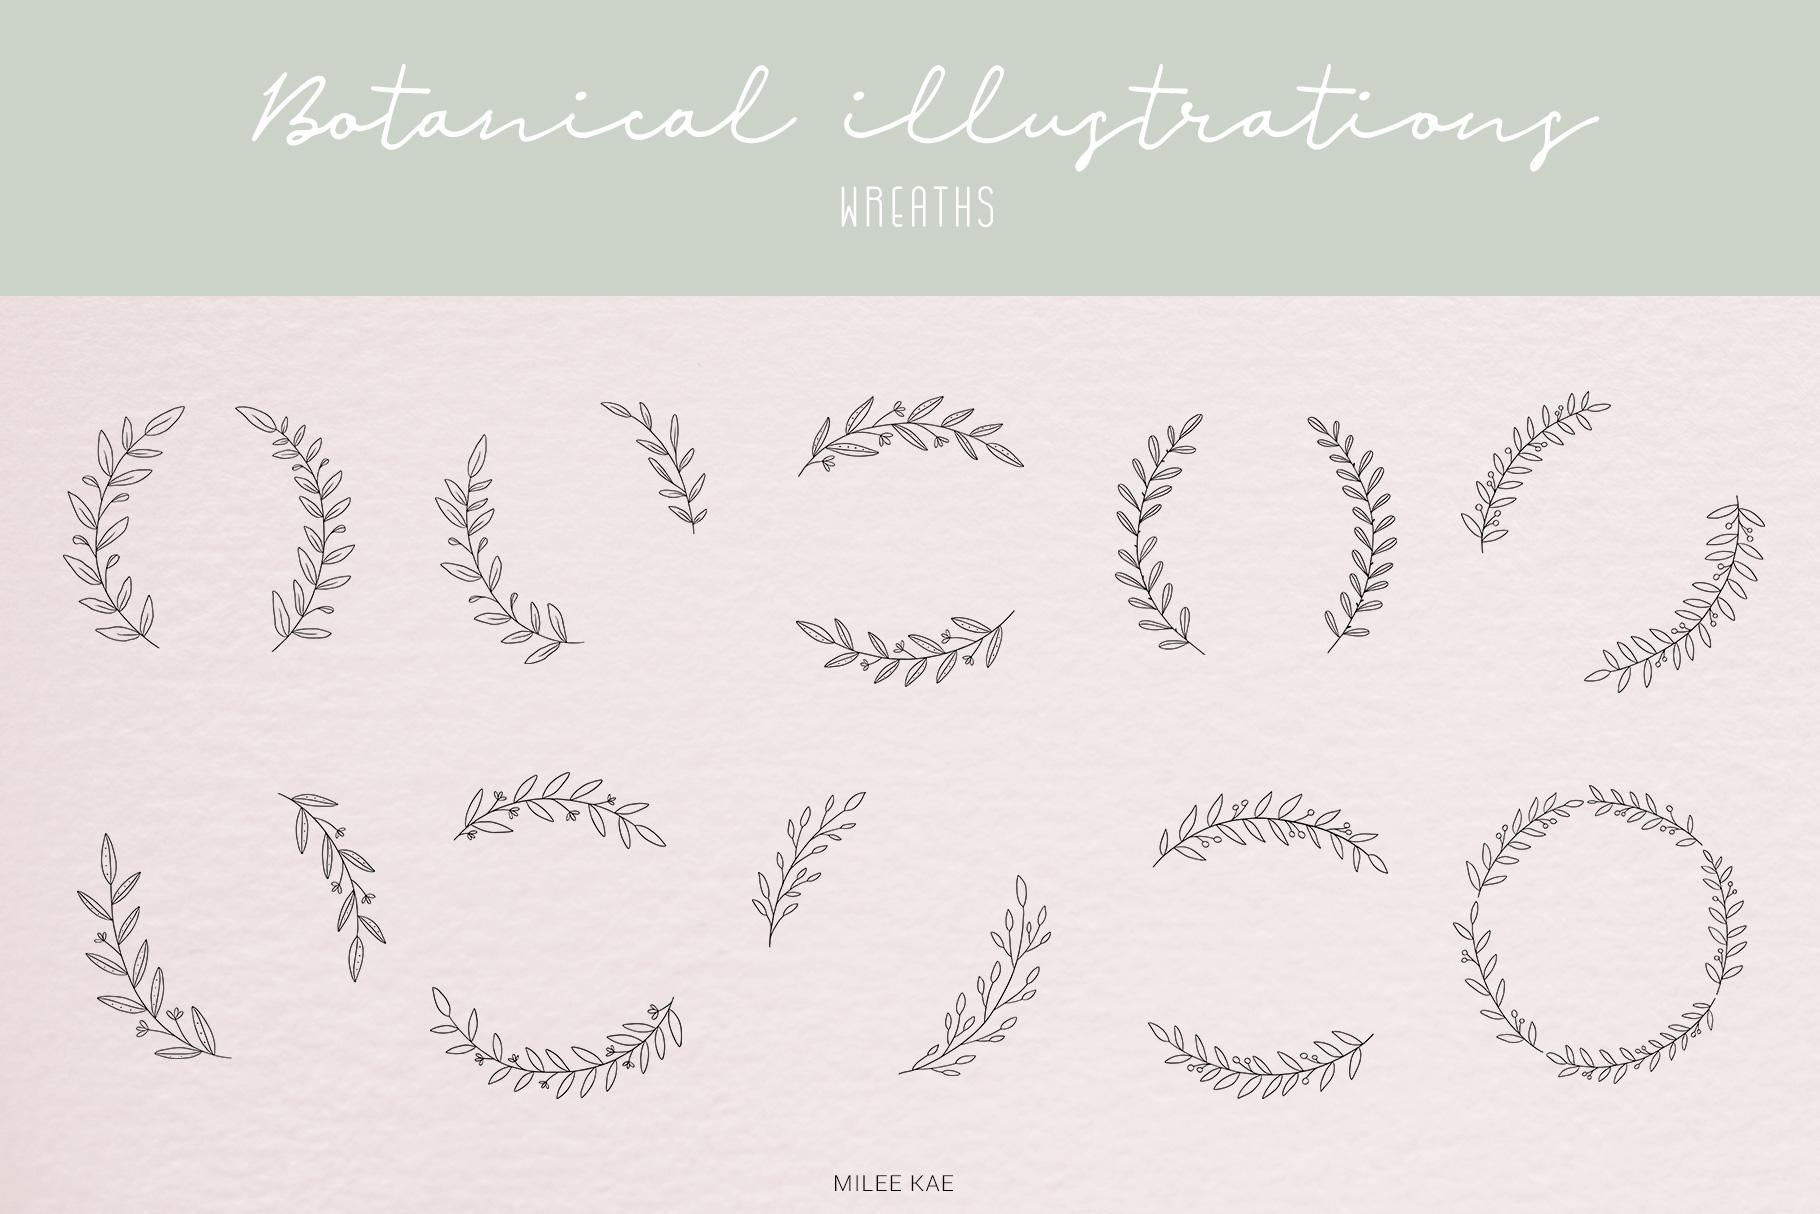 40 Modern Botanical Illustrations example image 6